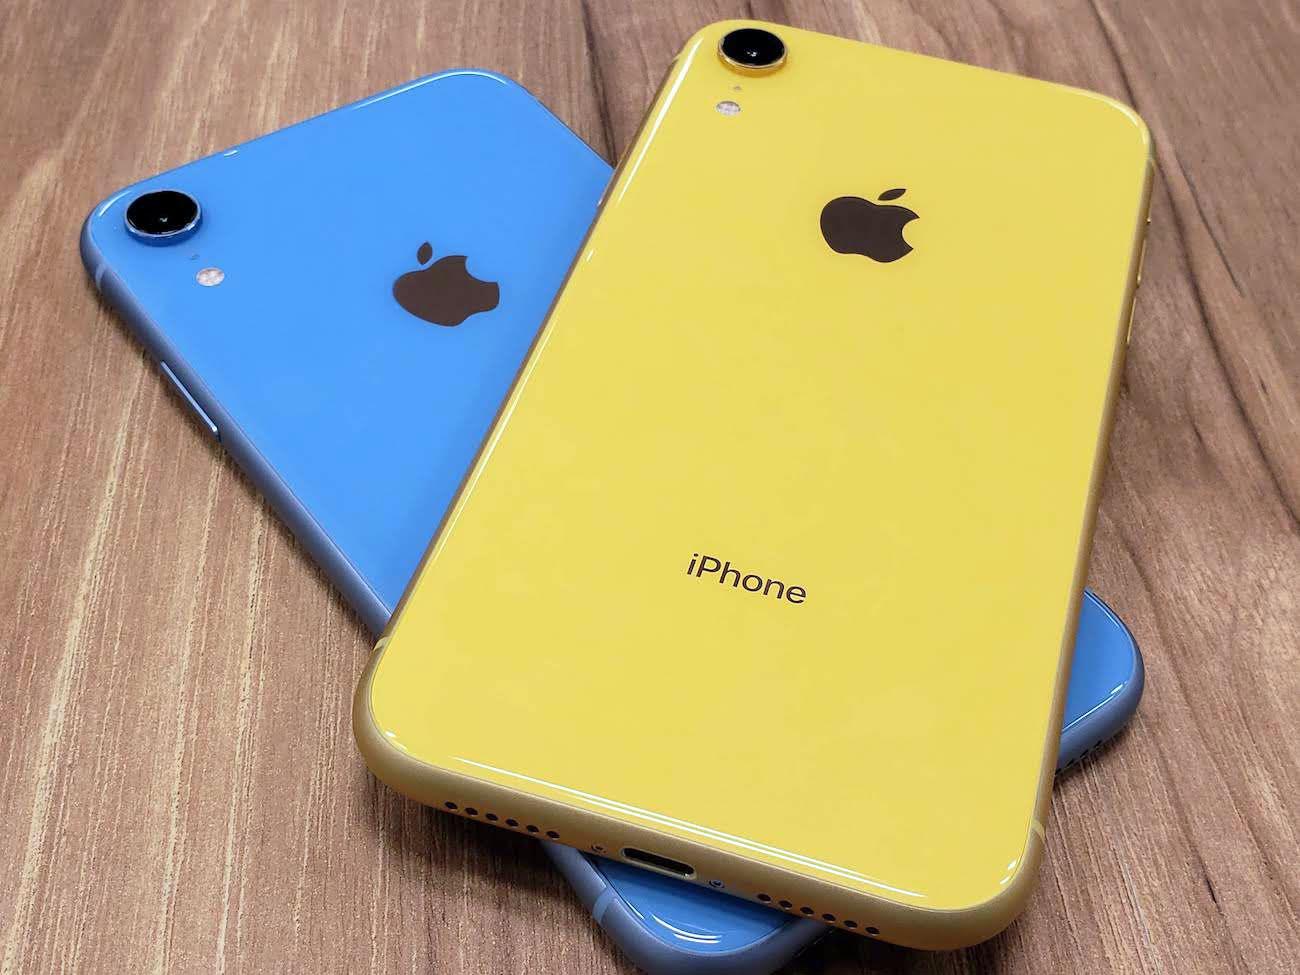 12beb4d1ed 発売目前なのにiPhone XRの純正ケースが発表されないから、とりあえずの代用品を1000円台で探してみた - Engadget 日本版